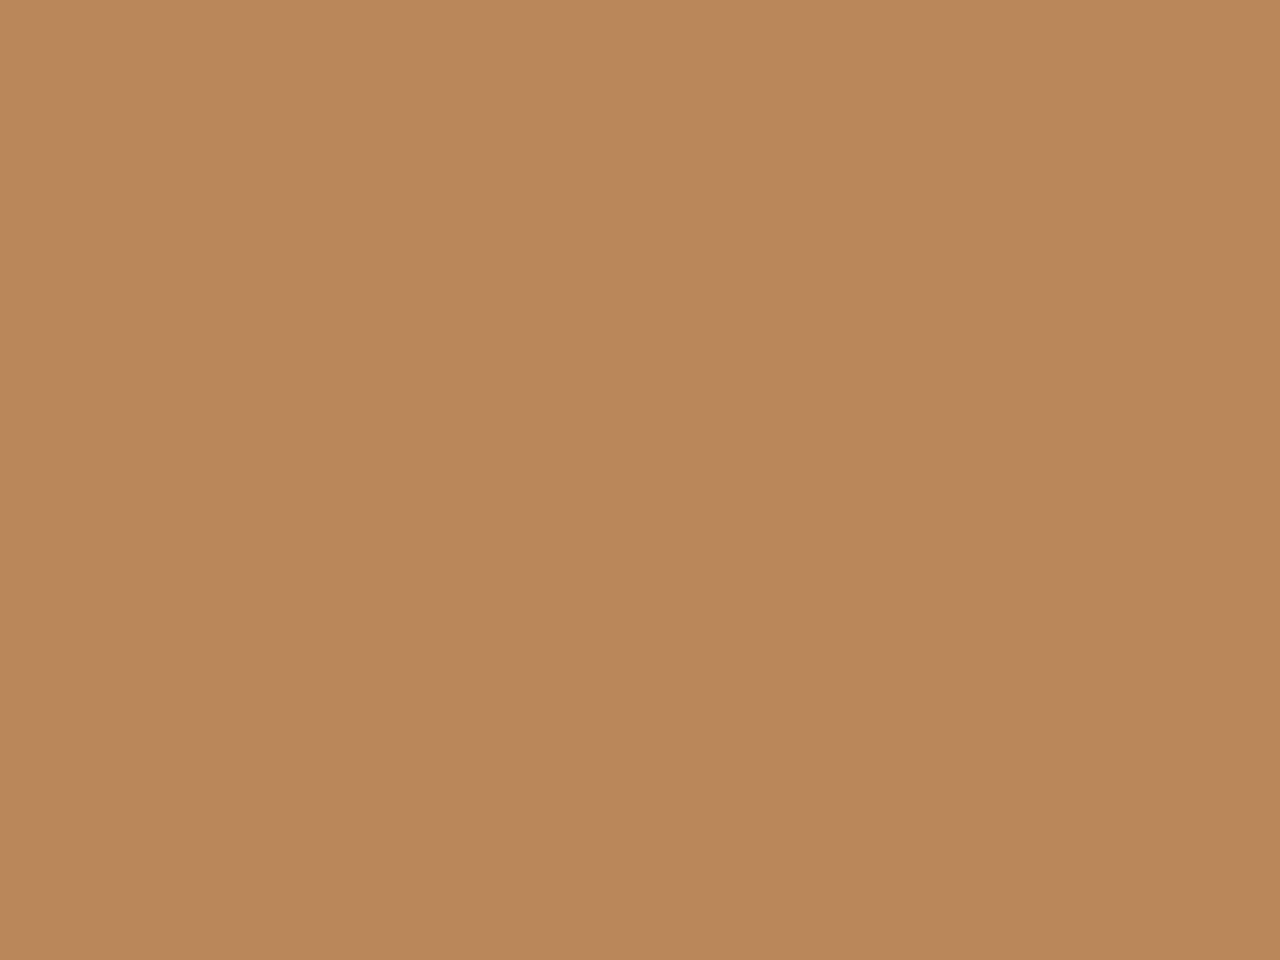 1280x960 Deer Solid Color Background